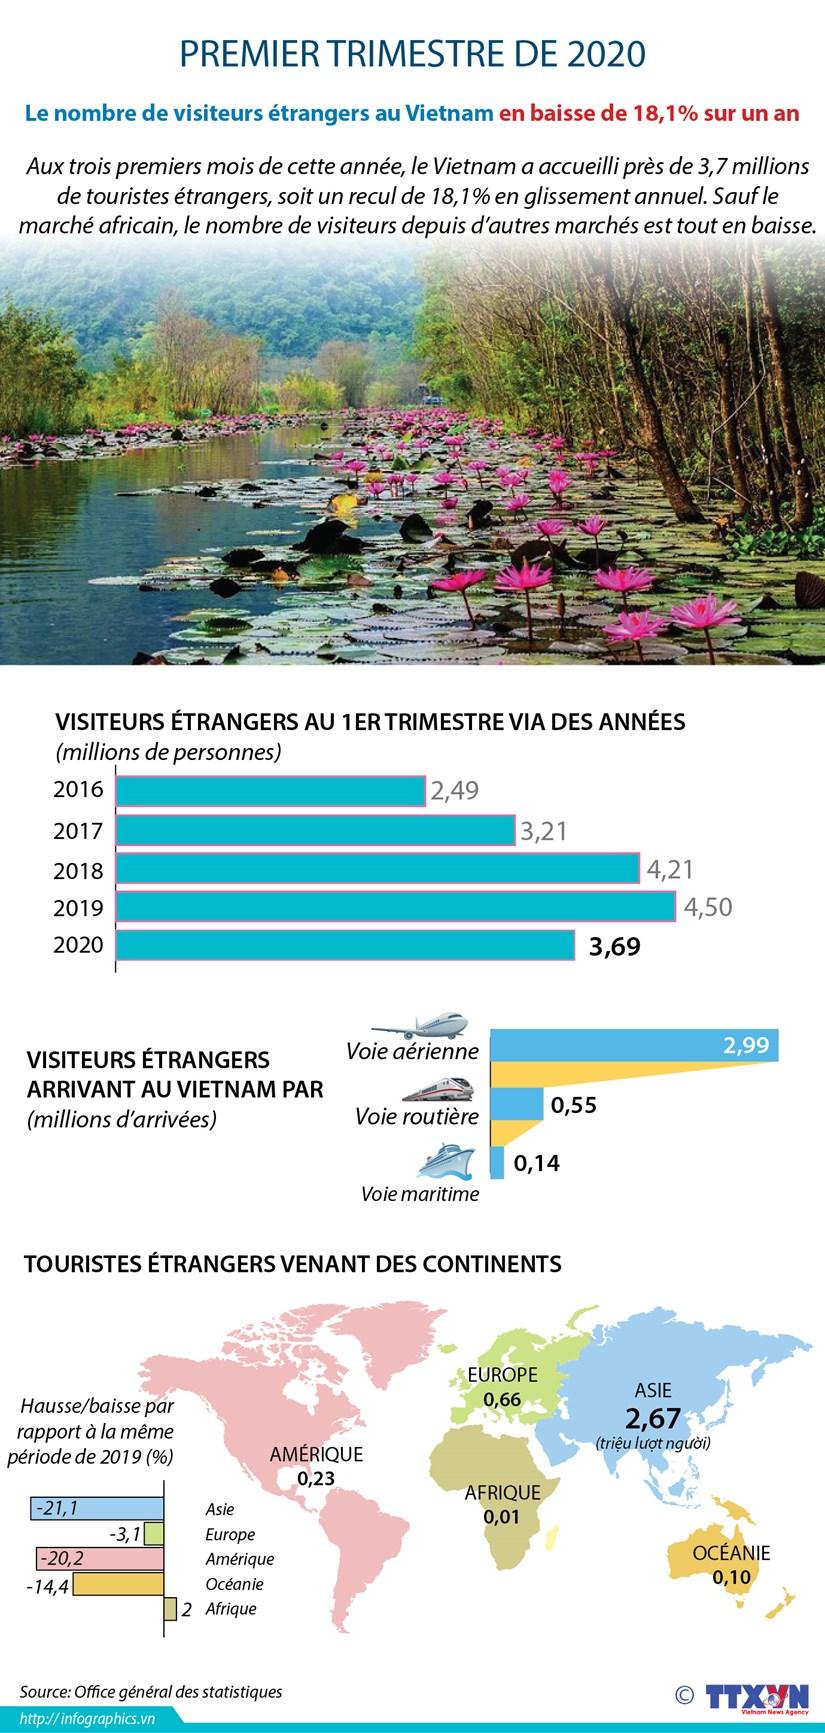 Le nombre de visiteurs etrangers au Vietnam en baisse de 18,1% au premier trimestre hinh anh 1